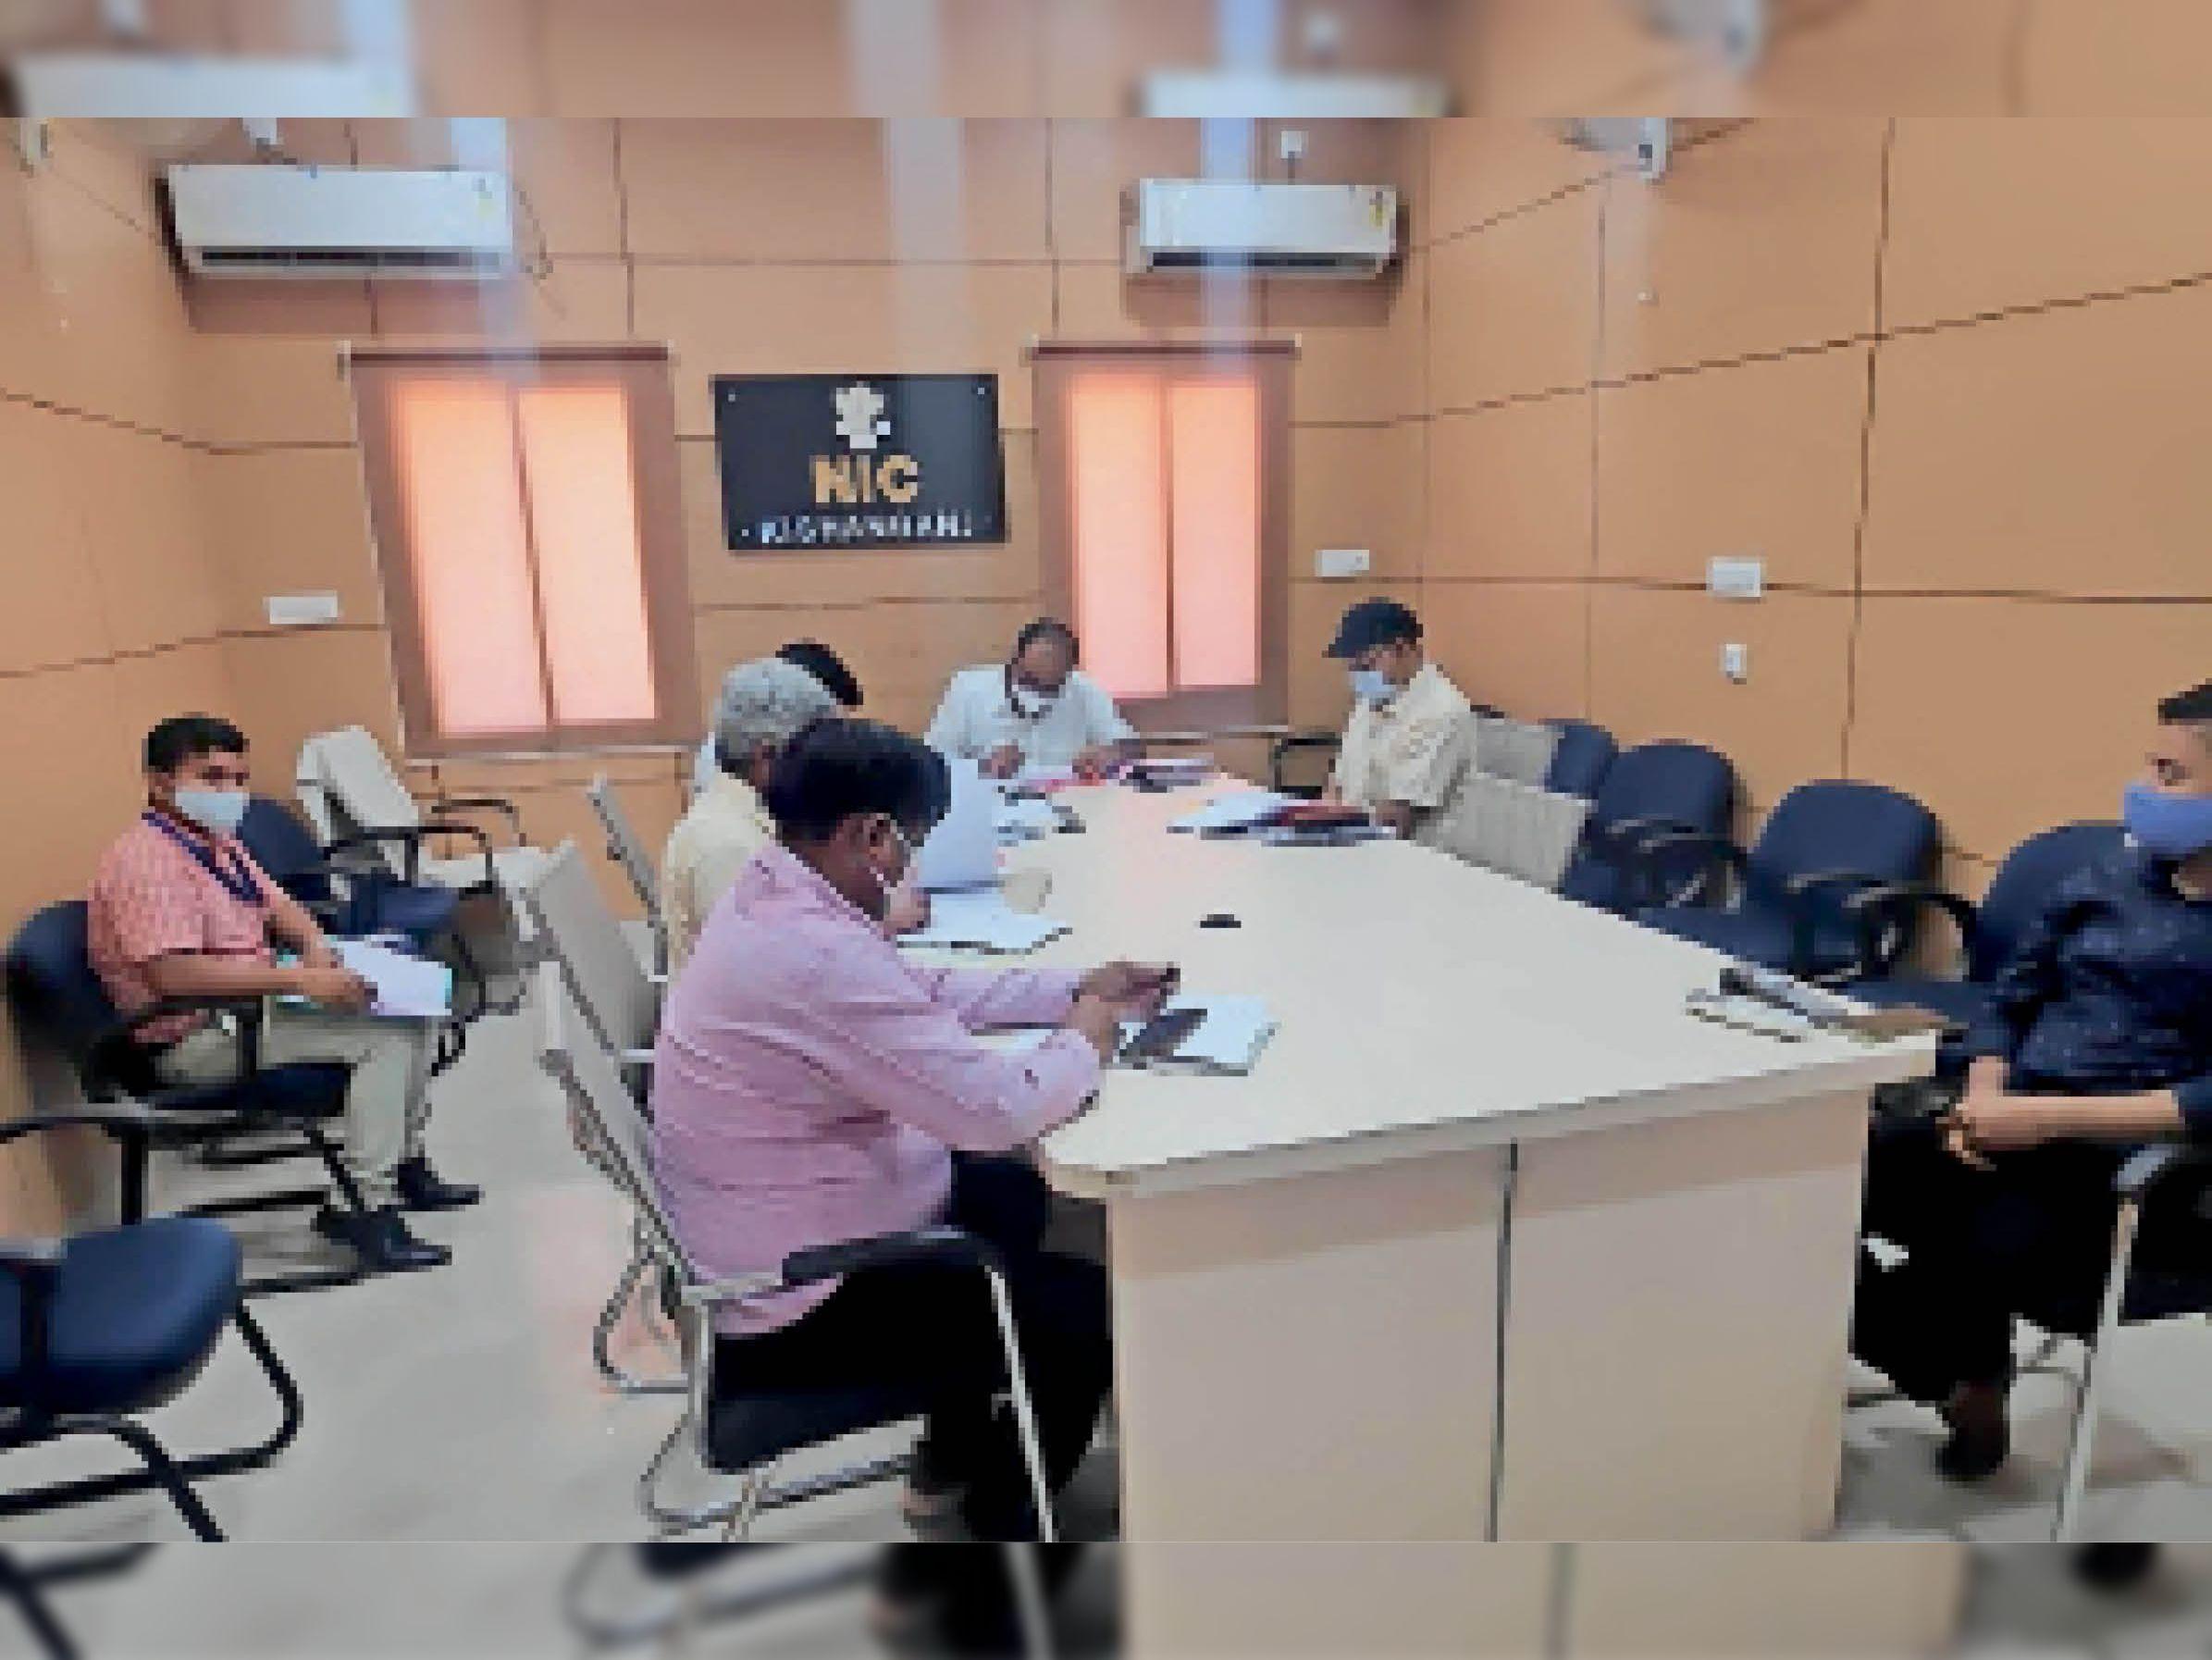 योजना एवं विकास विभाग के अपर सचिव की वर्चुअल बैठक में मौजूद डीएम व अन्य। - Dainik Bhaskar